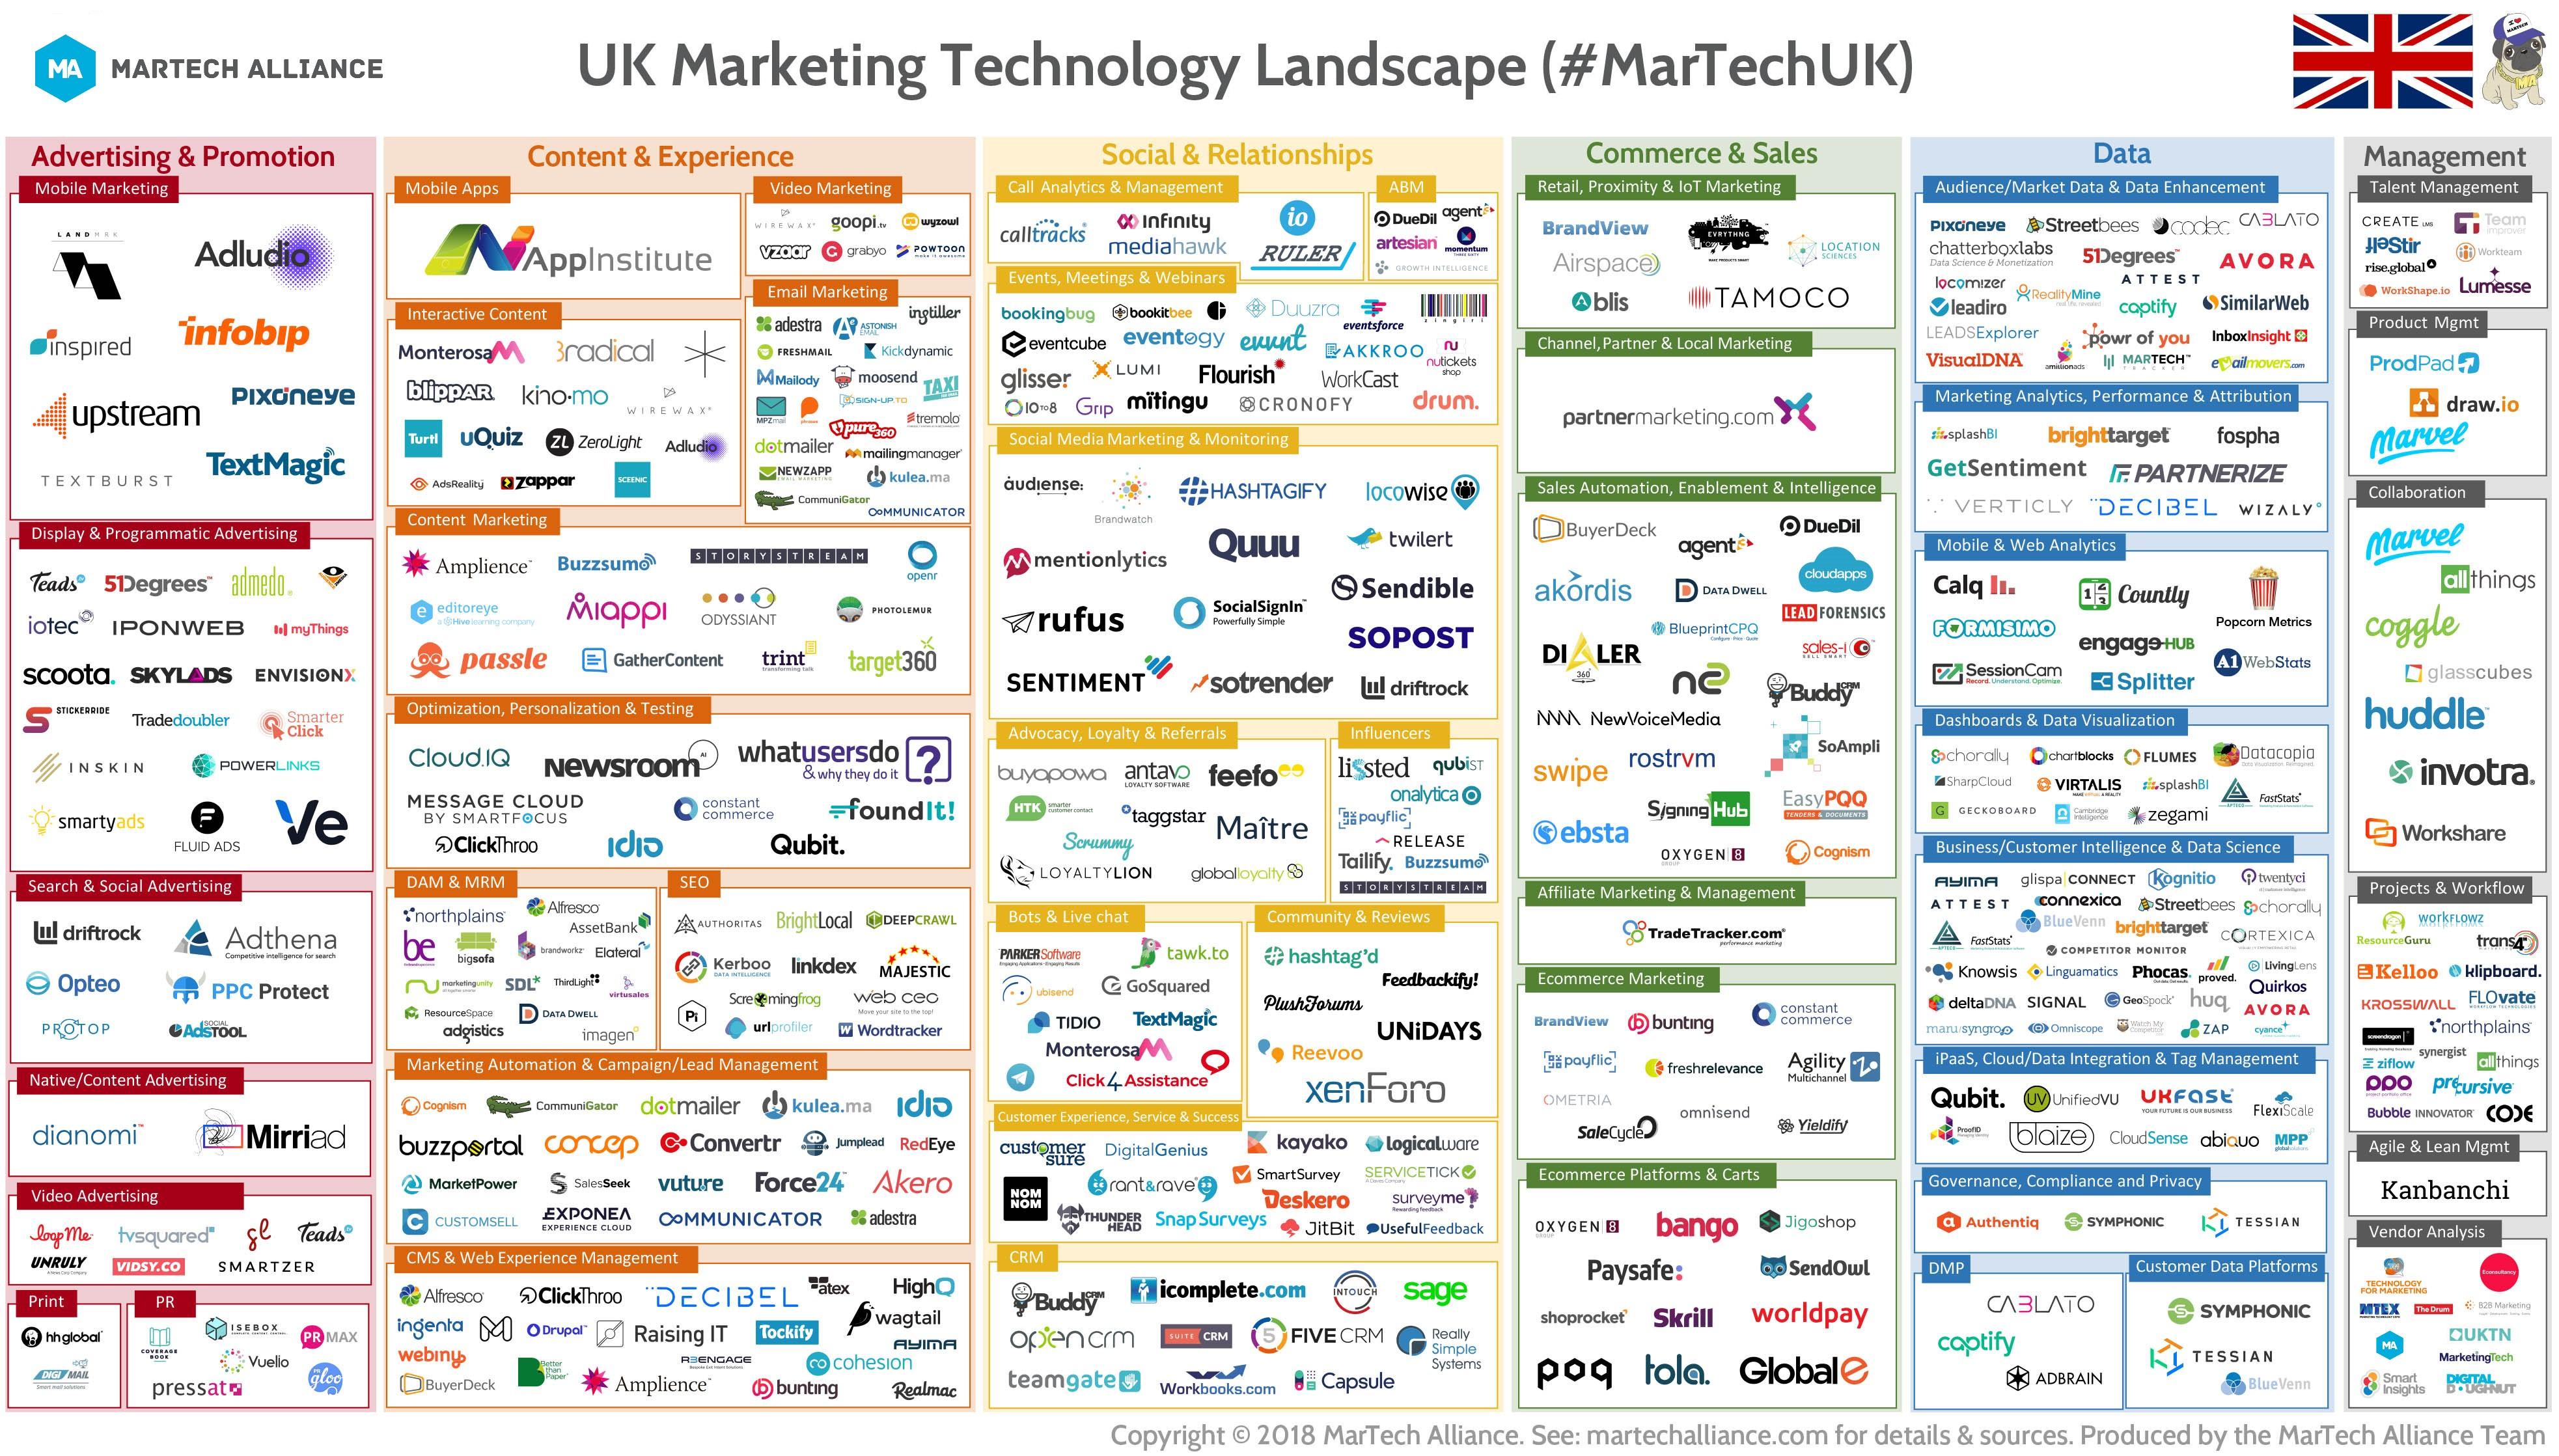 UK-MarTech-LandScape-Supergraphic